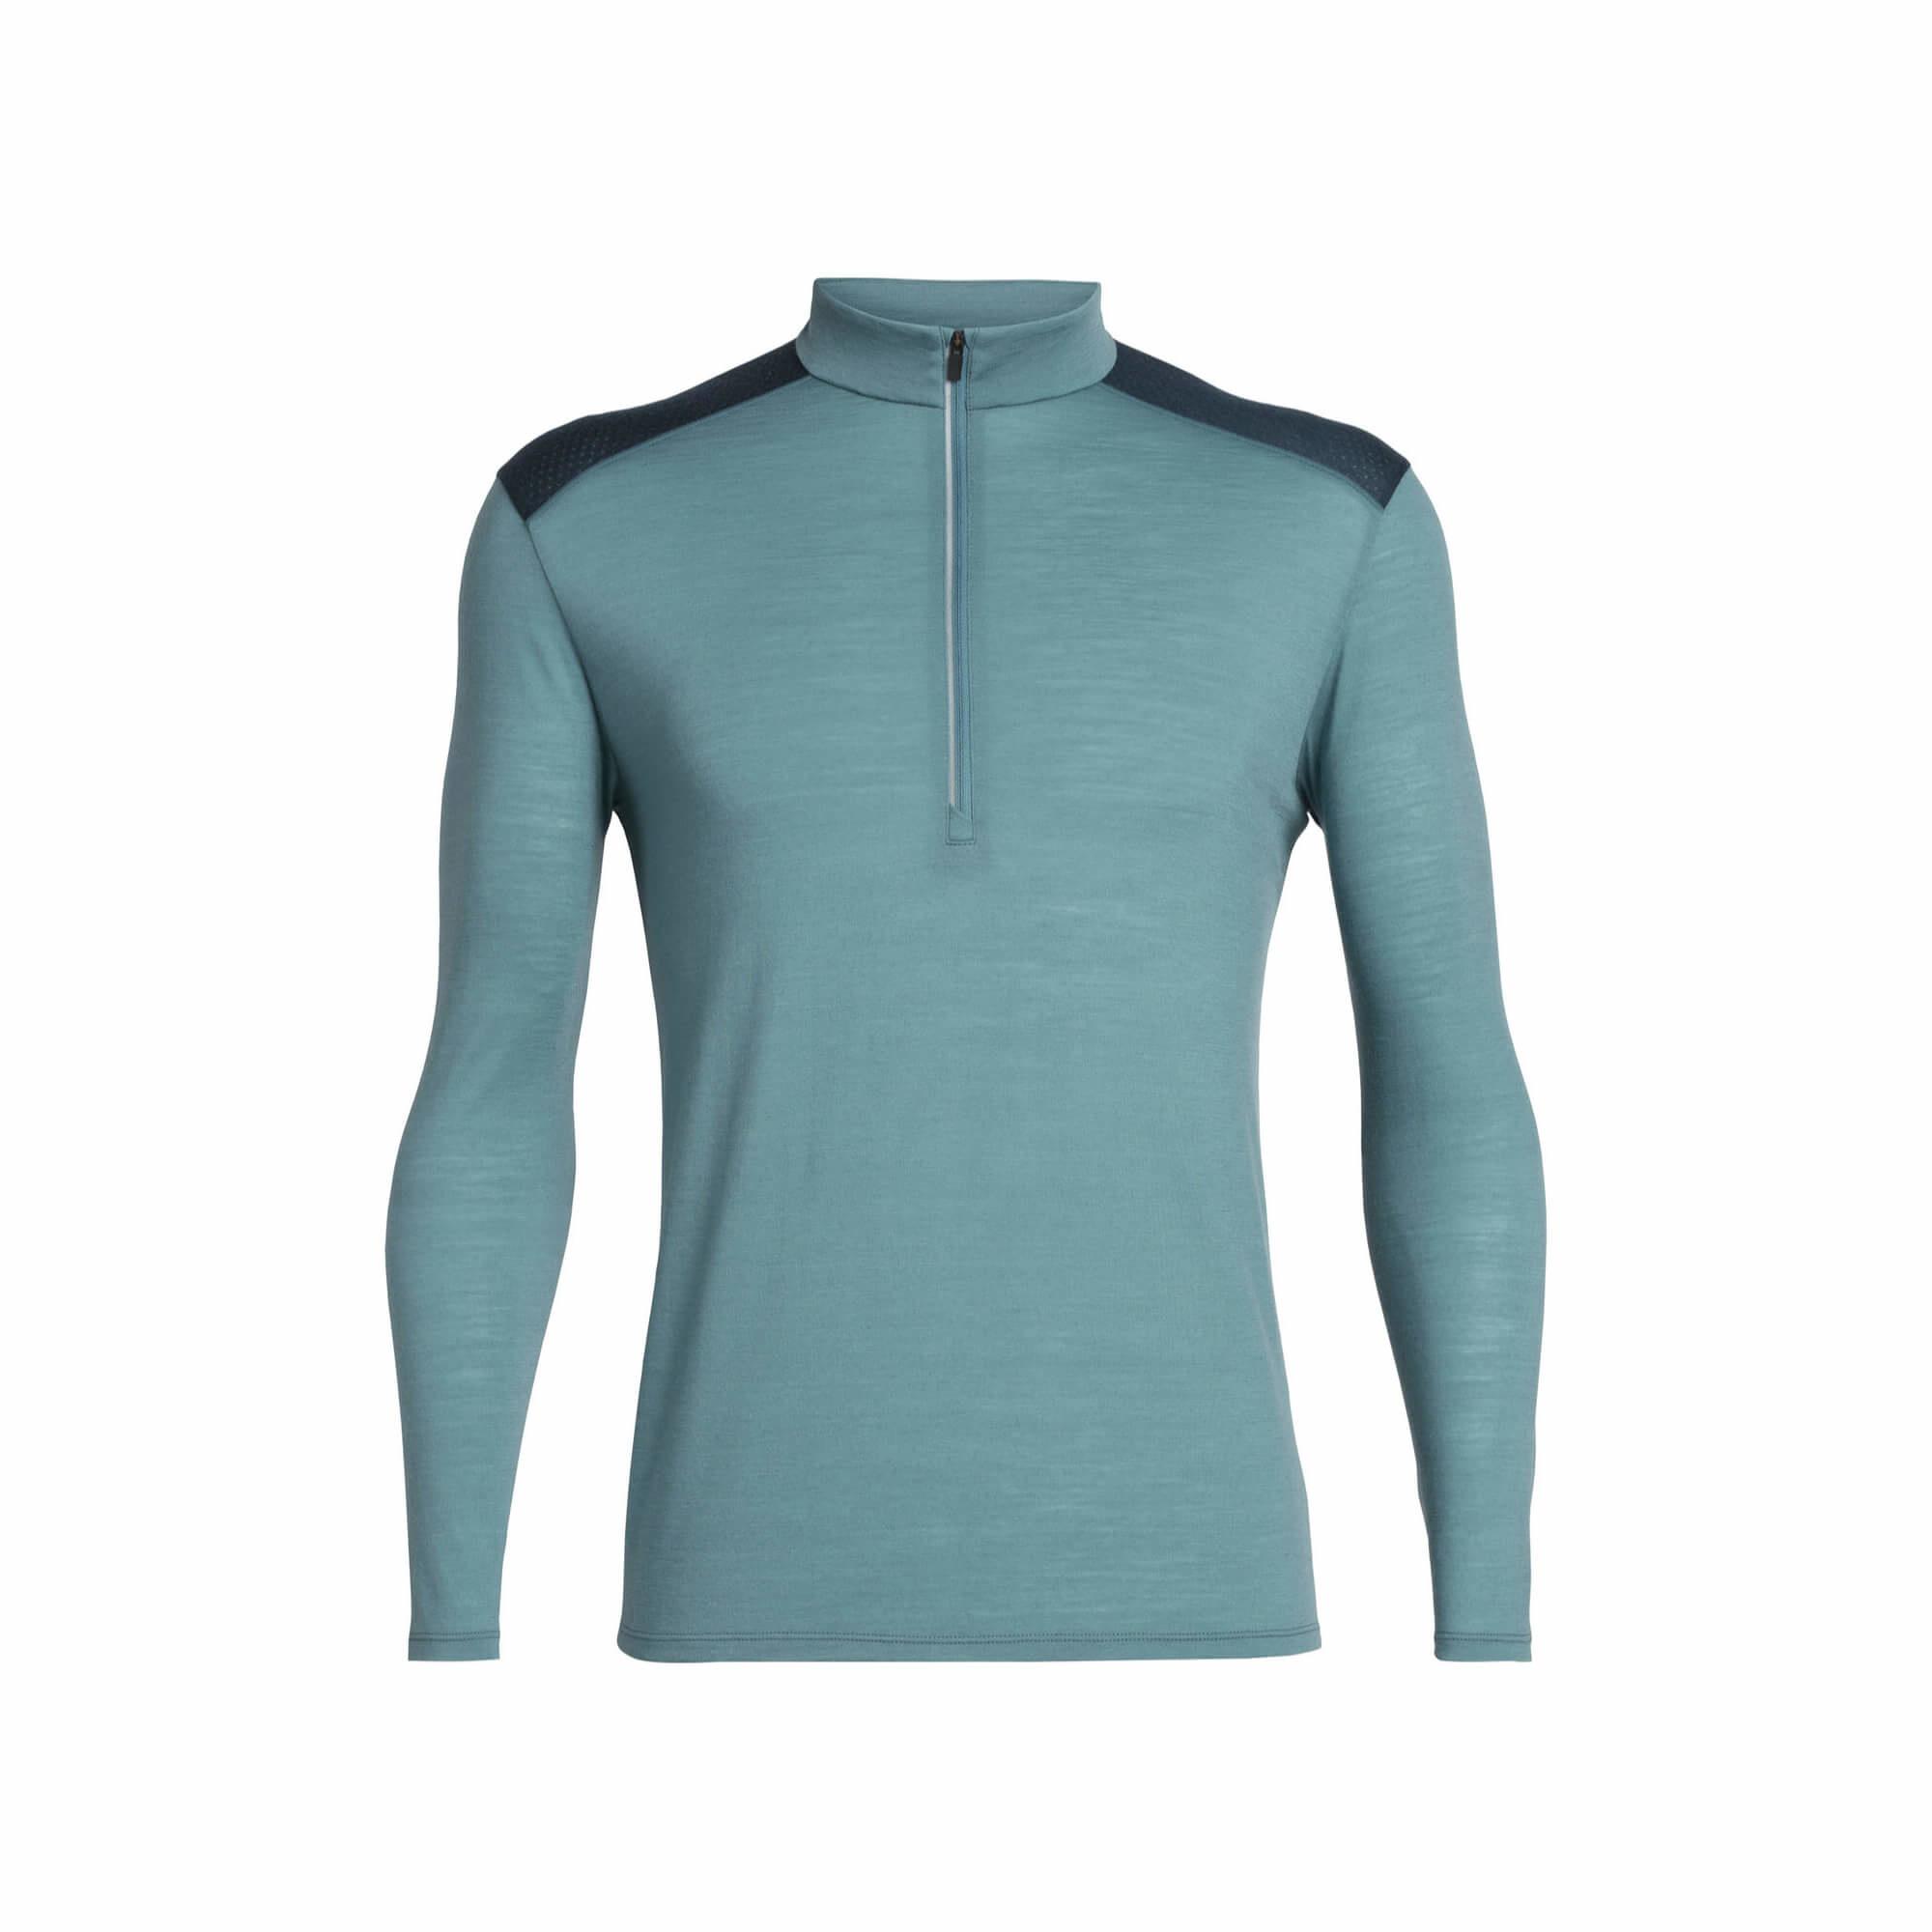 Men's Cool-Lite Merino Amplify Long Sleeve Half Zip Top-1